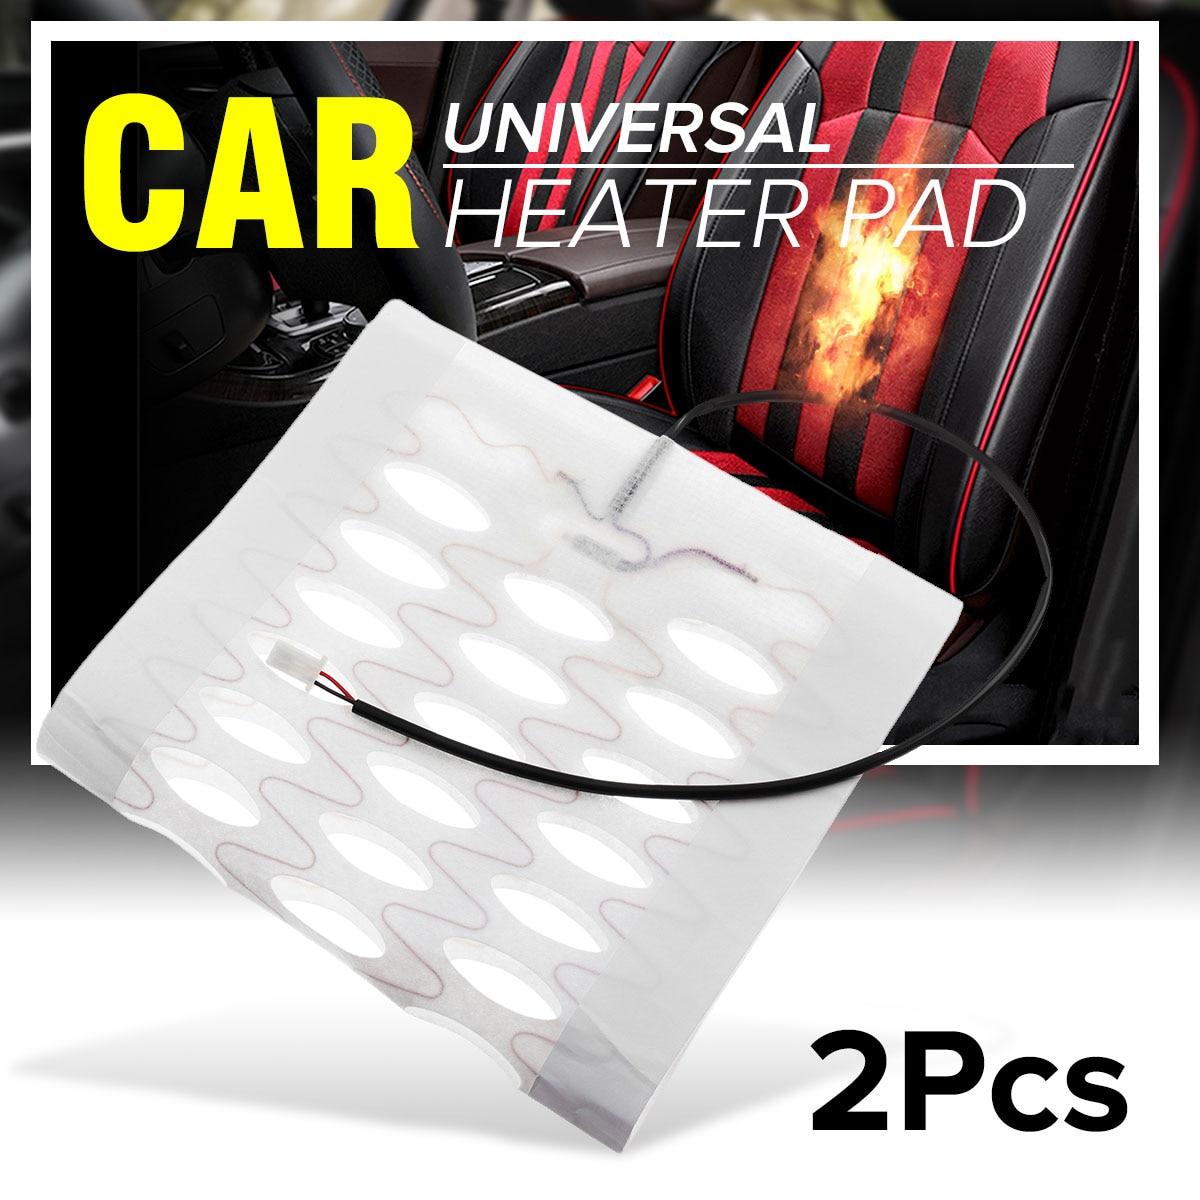 2 stücke 12 v beheizte sitze Deckt Pad Carbon Faser Beheizt Auto Auto Sitze Heizung Pad Winter Wärmer Heizung Matte 48 cm x 27 cm